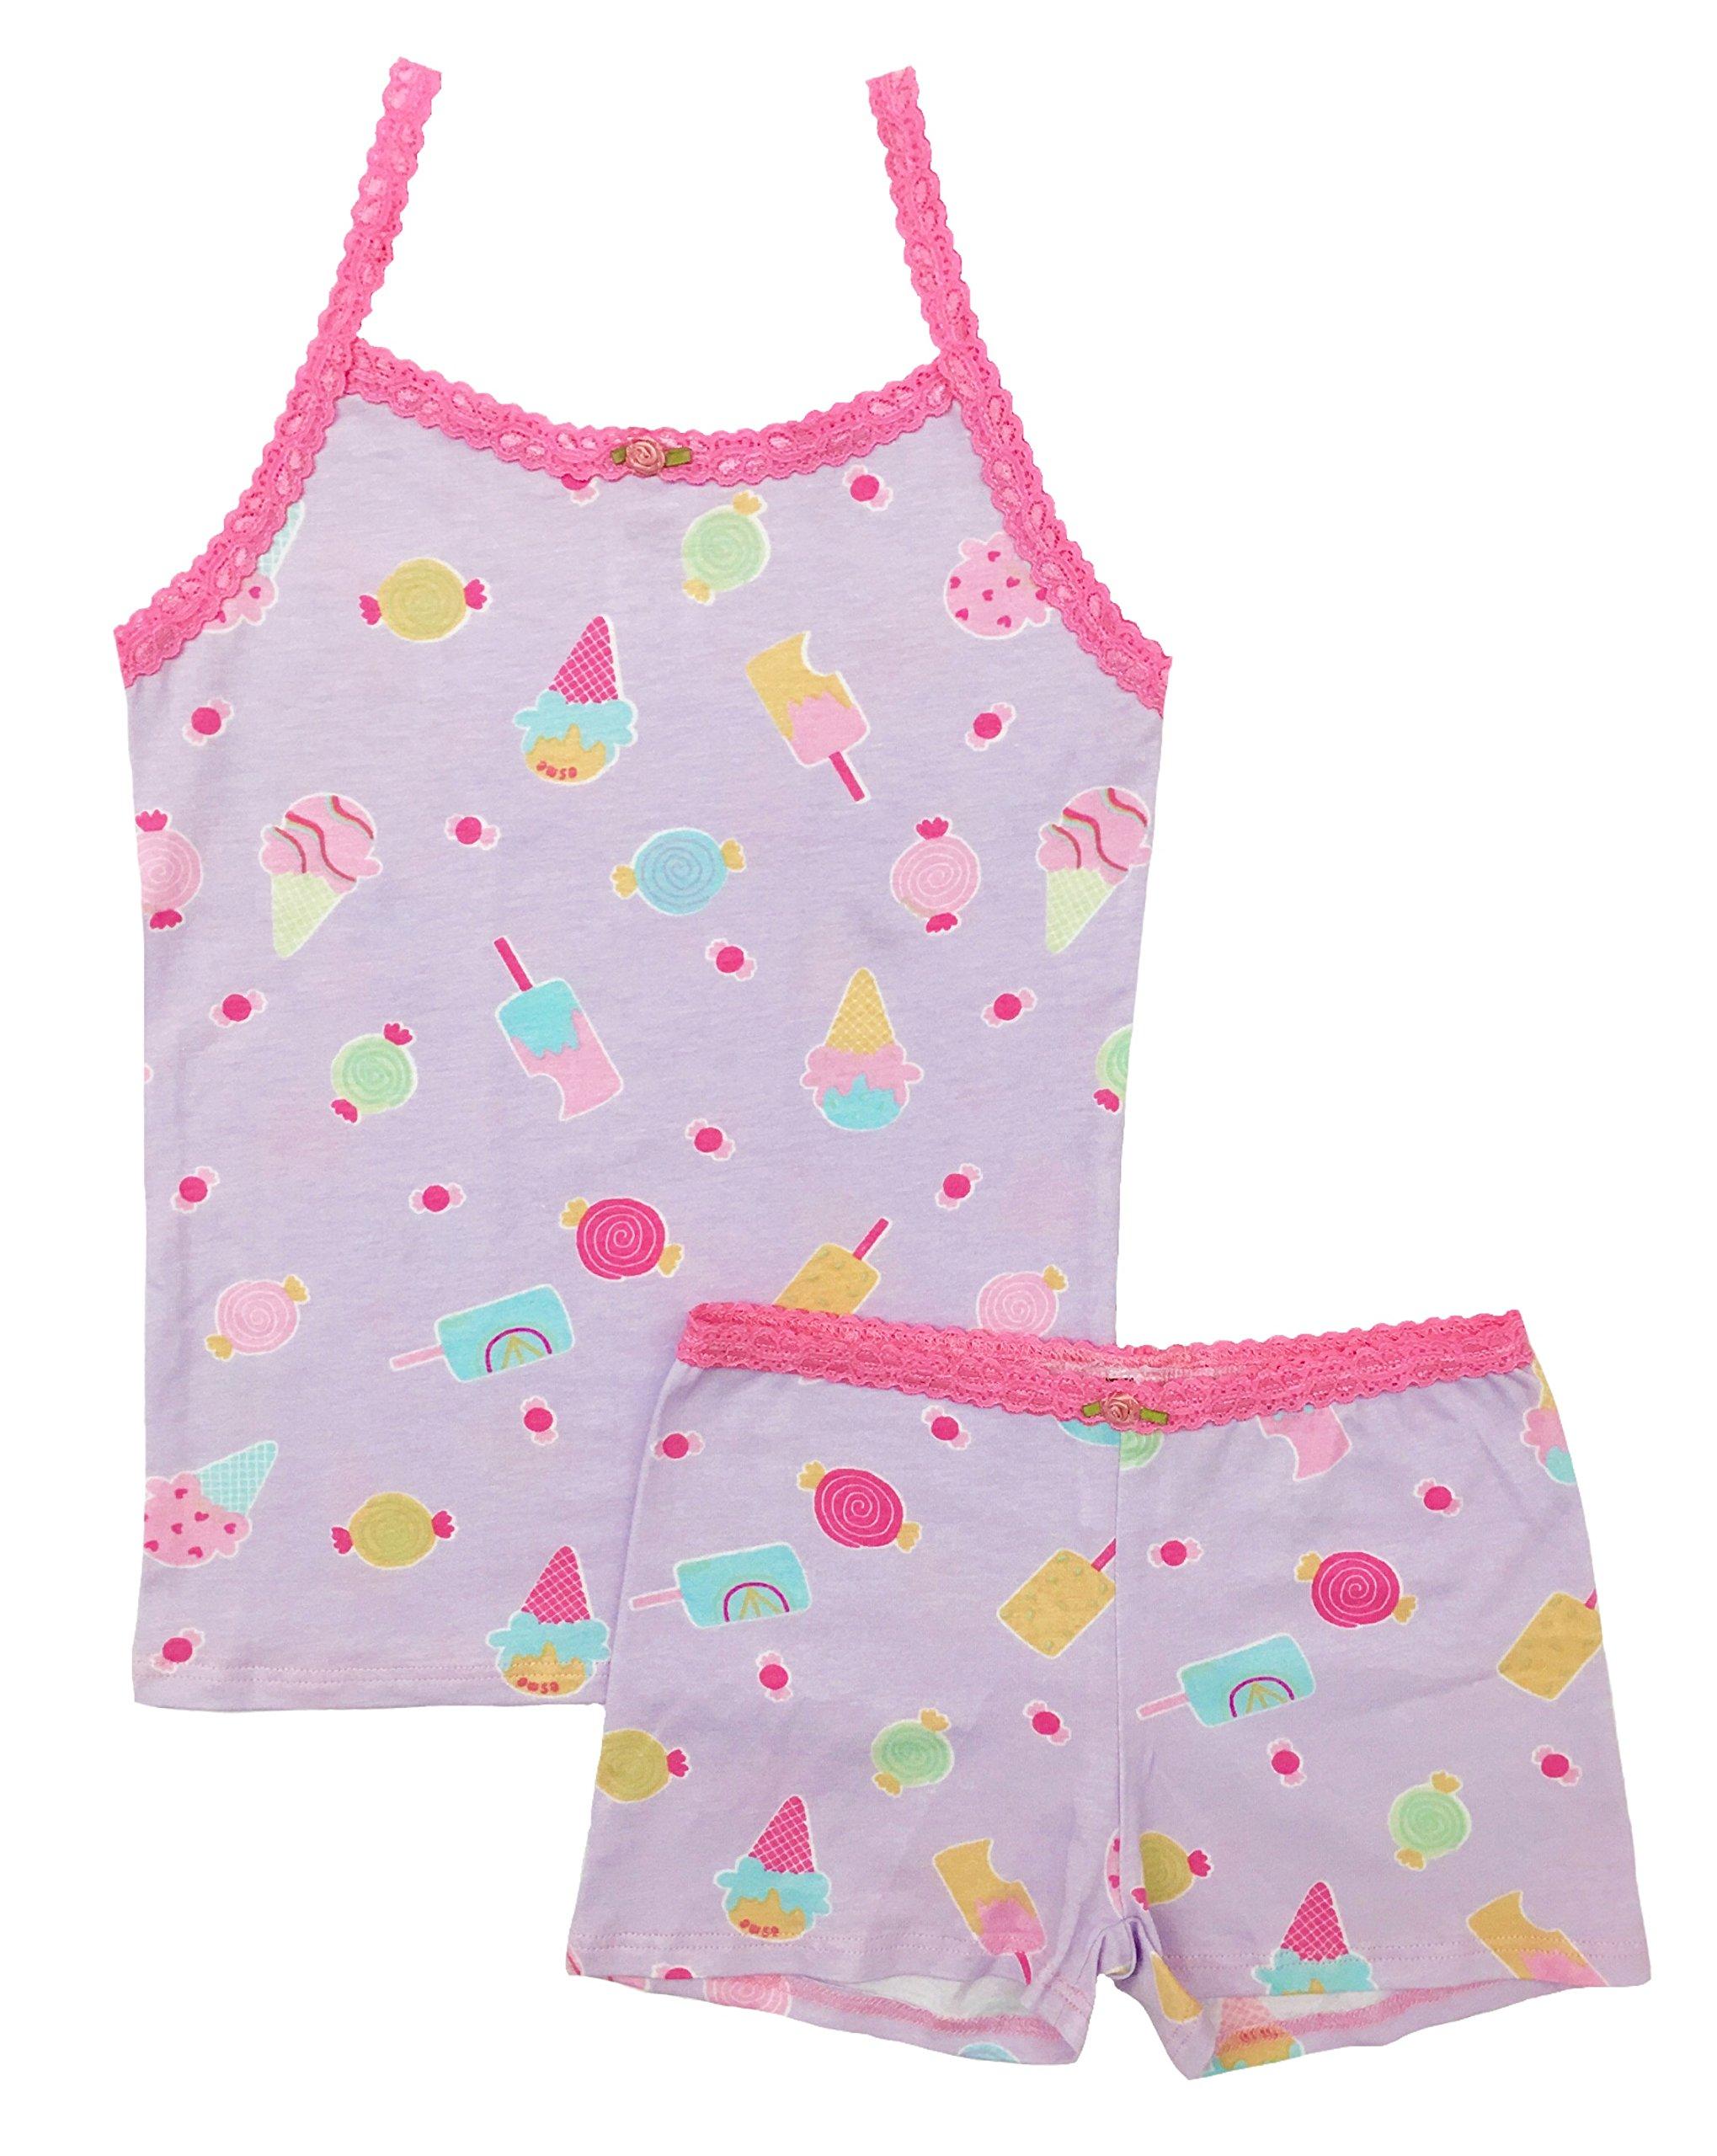 Esme Girl's Sleepwear Camisole/Boxer shorts Pajama set-07-Ice Cream